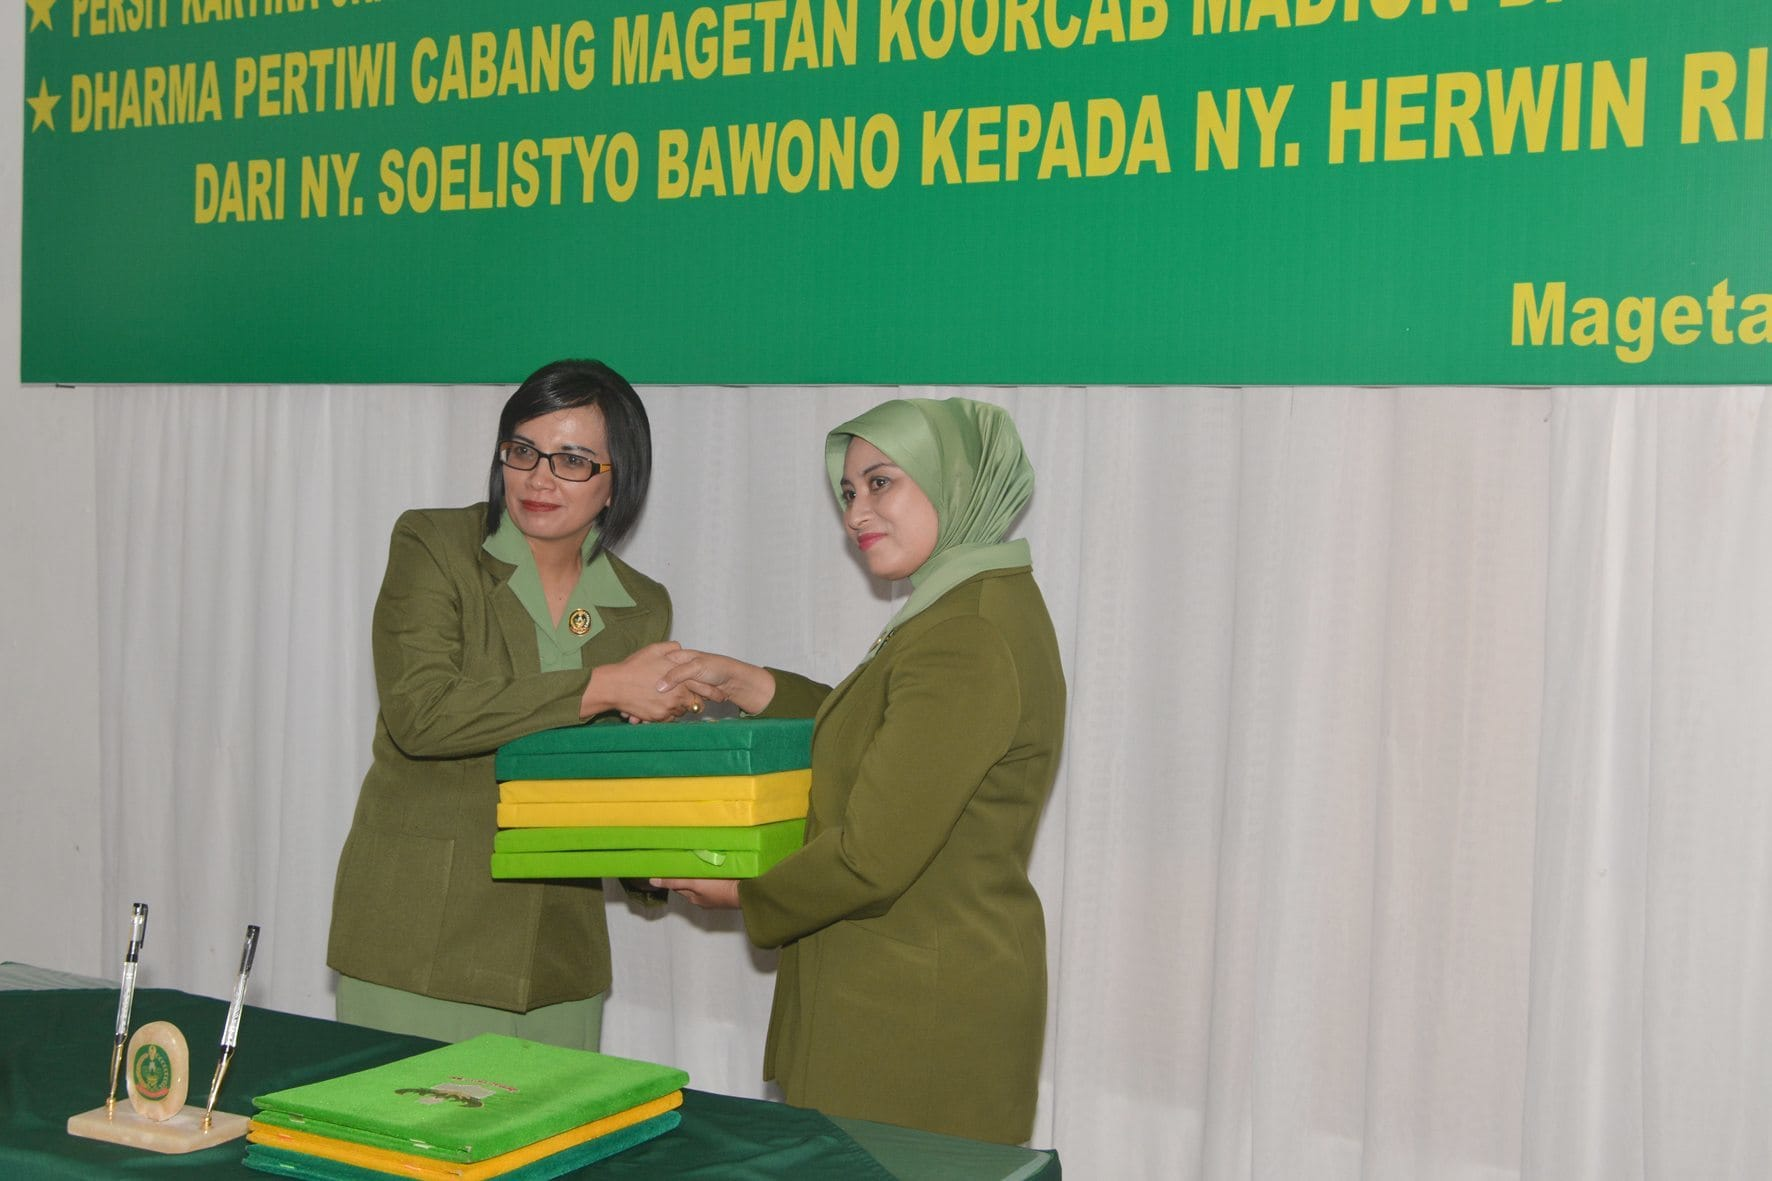 Jabatan Ketua Persit KCK Cabang XVIII Kodim Magetan di Serah Terimakan